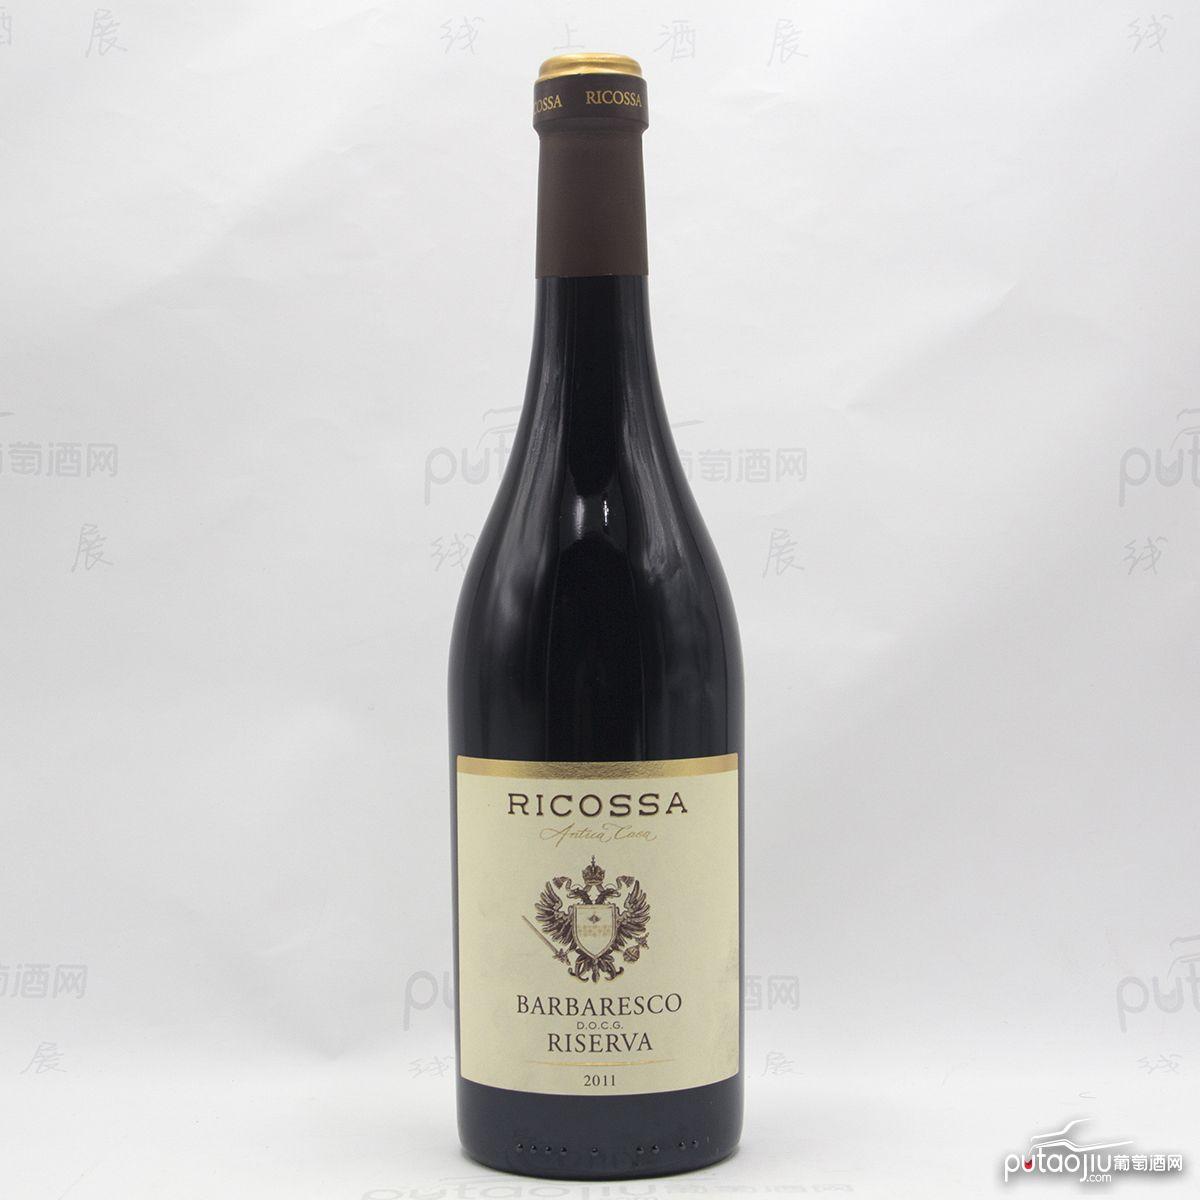 雷克萨巴巴莱斯科珍藏红葡萄酒